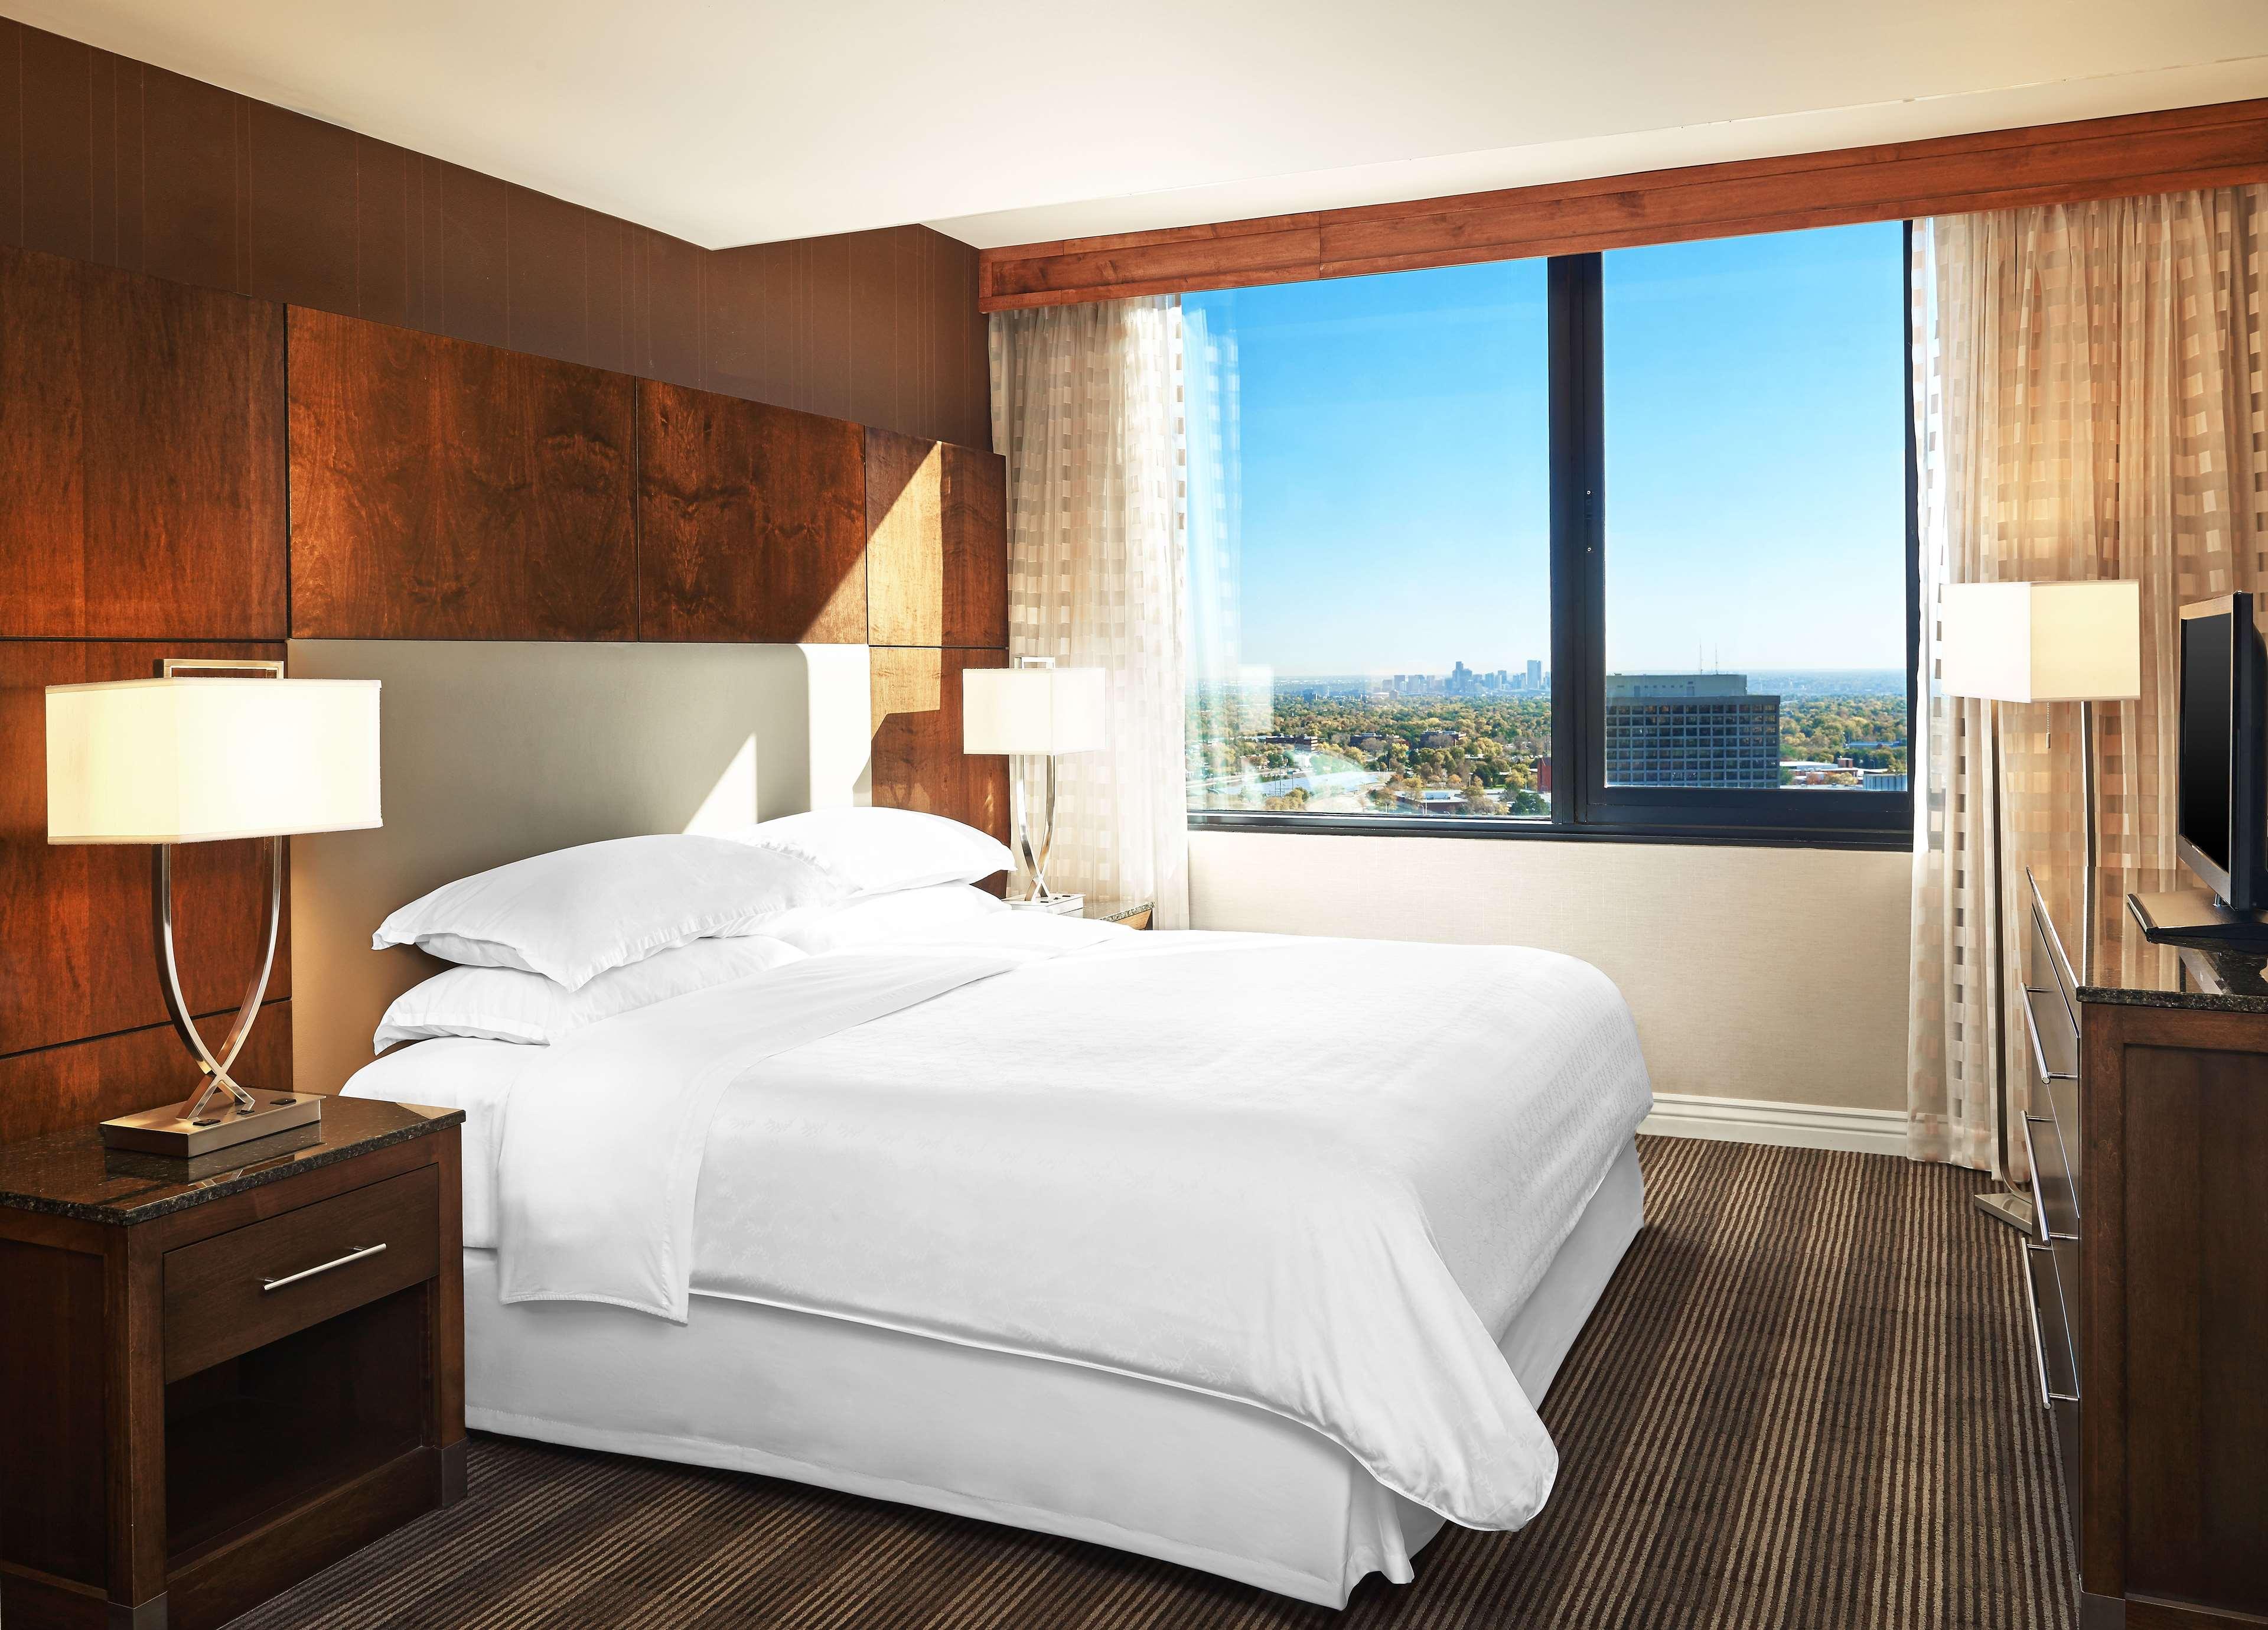 Sheraton Denver West Hotel image 3